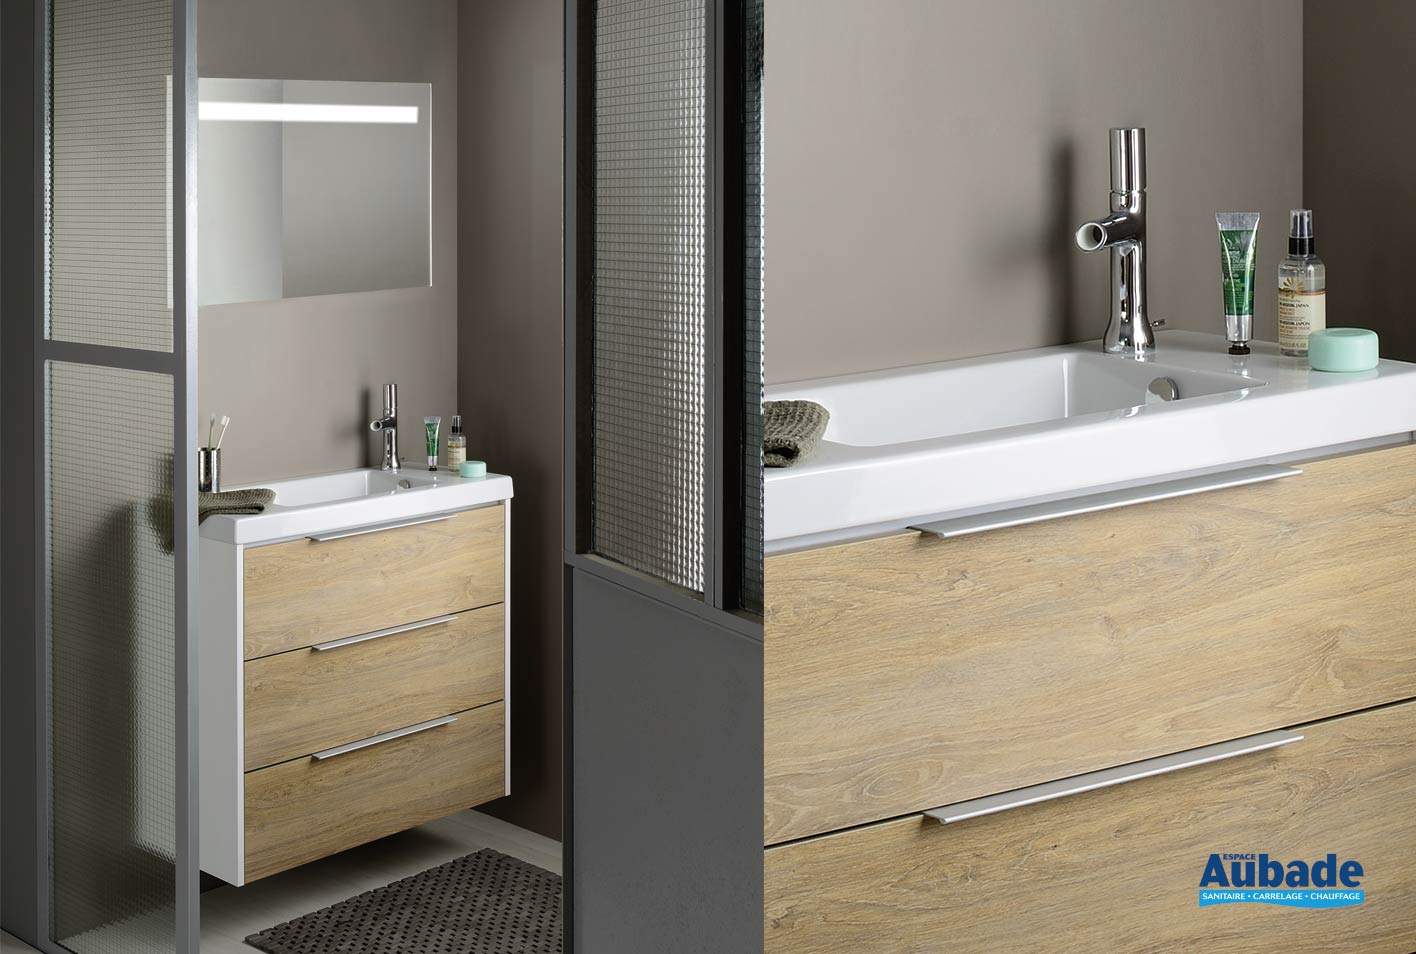 meuble salle de bain xs de sanijura espace aubade. Black Bedroom Furniture Sets. Home Design Ideas